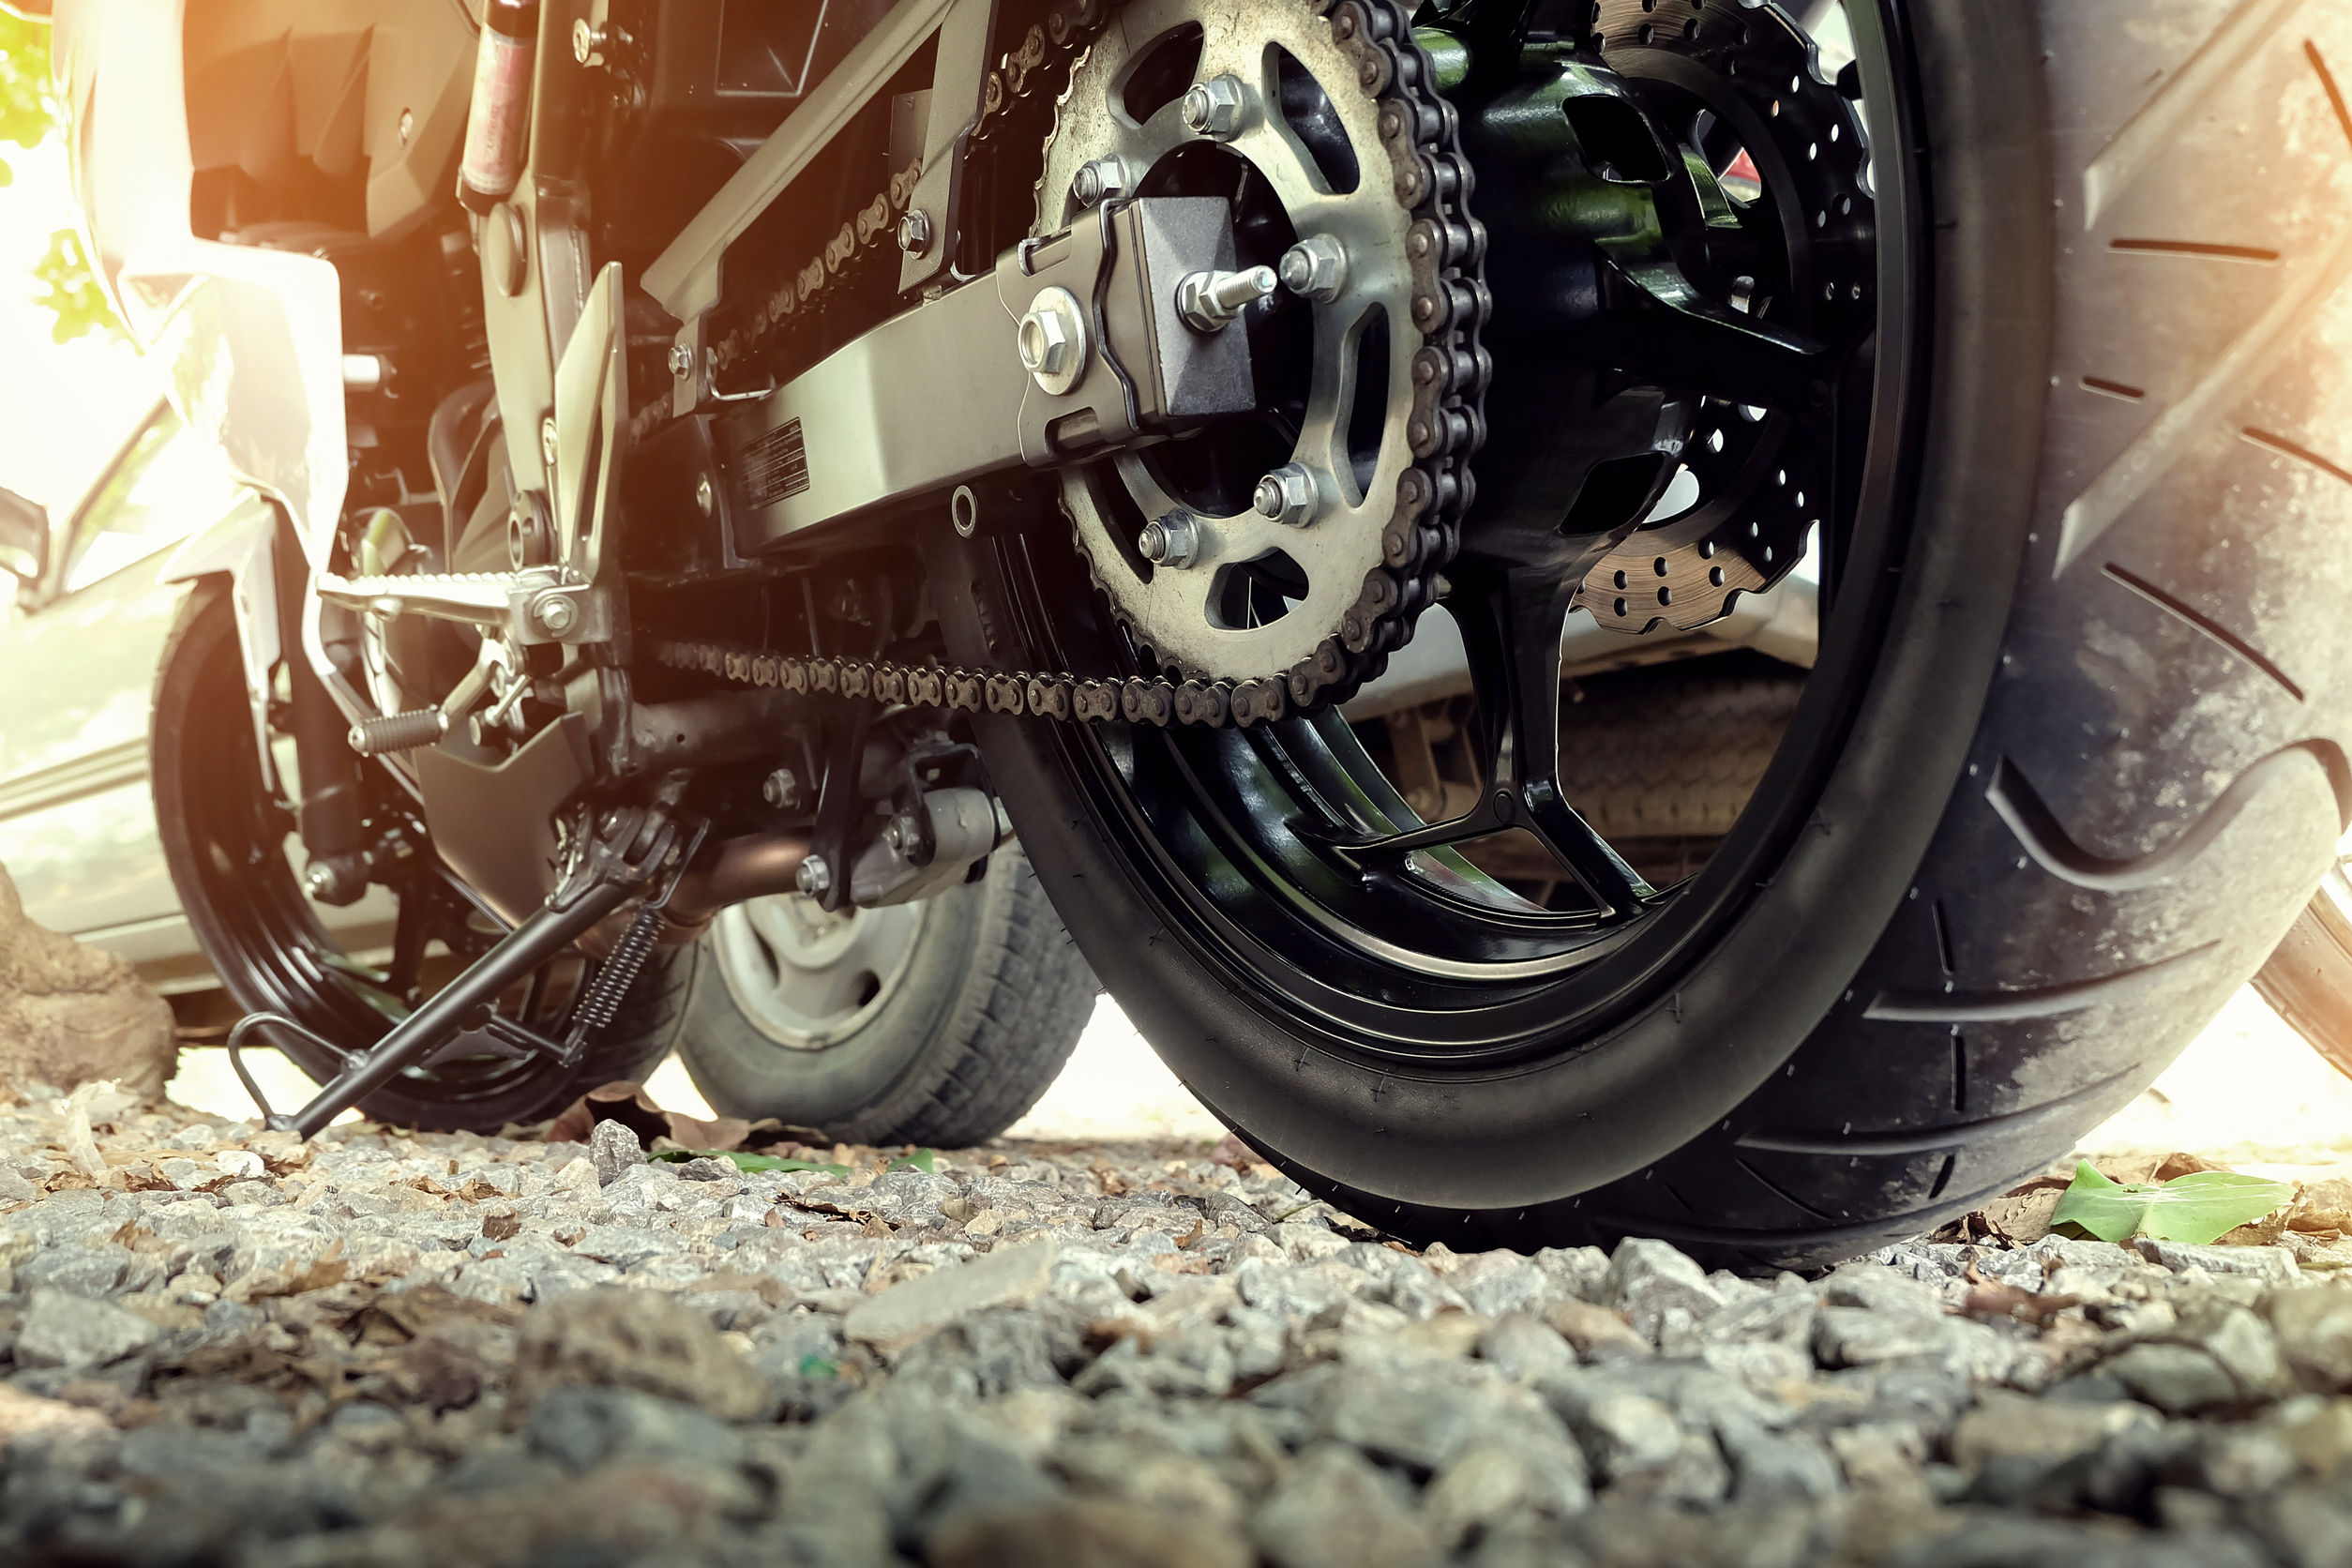 バイクのチェーン注油・清掃・メンテナンス方法!頻度・距離の目安は?